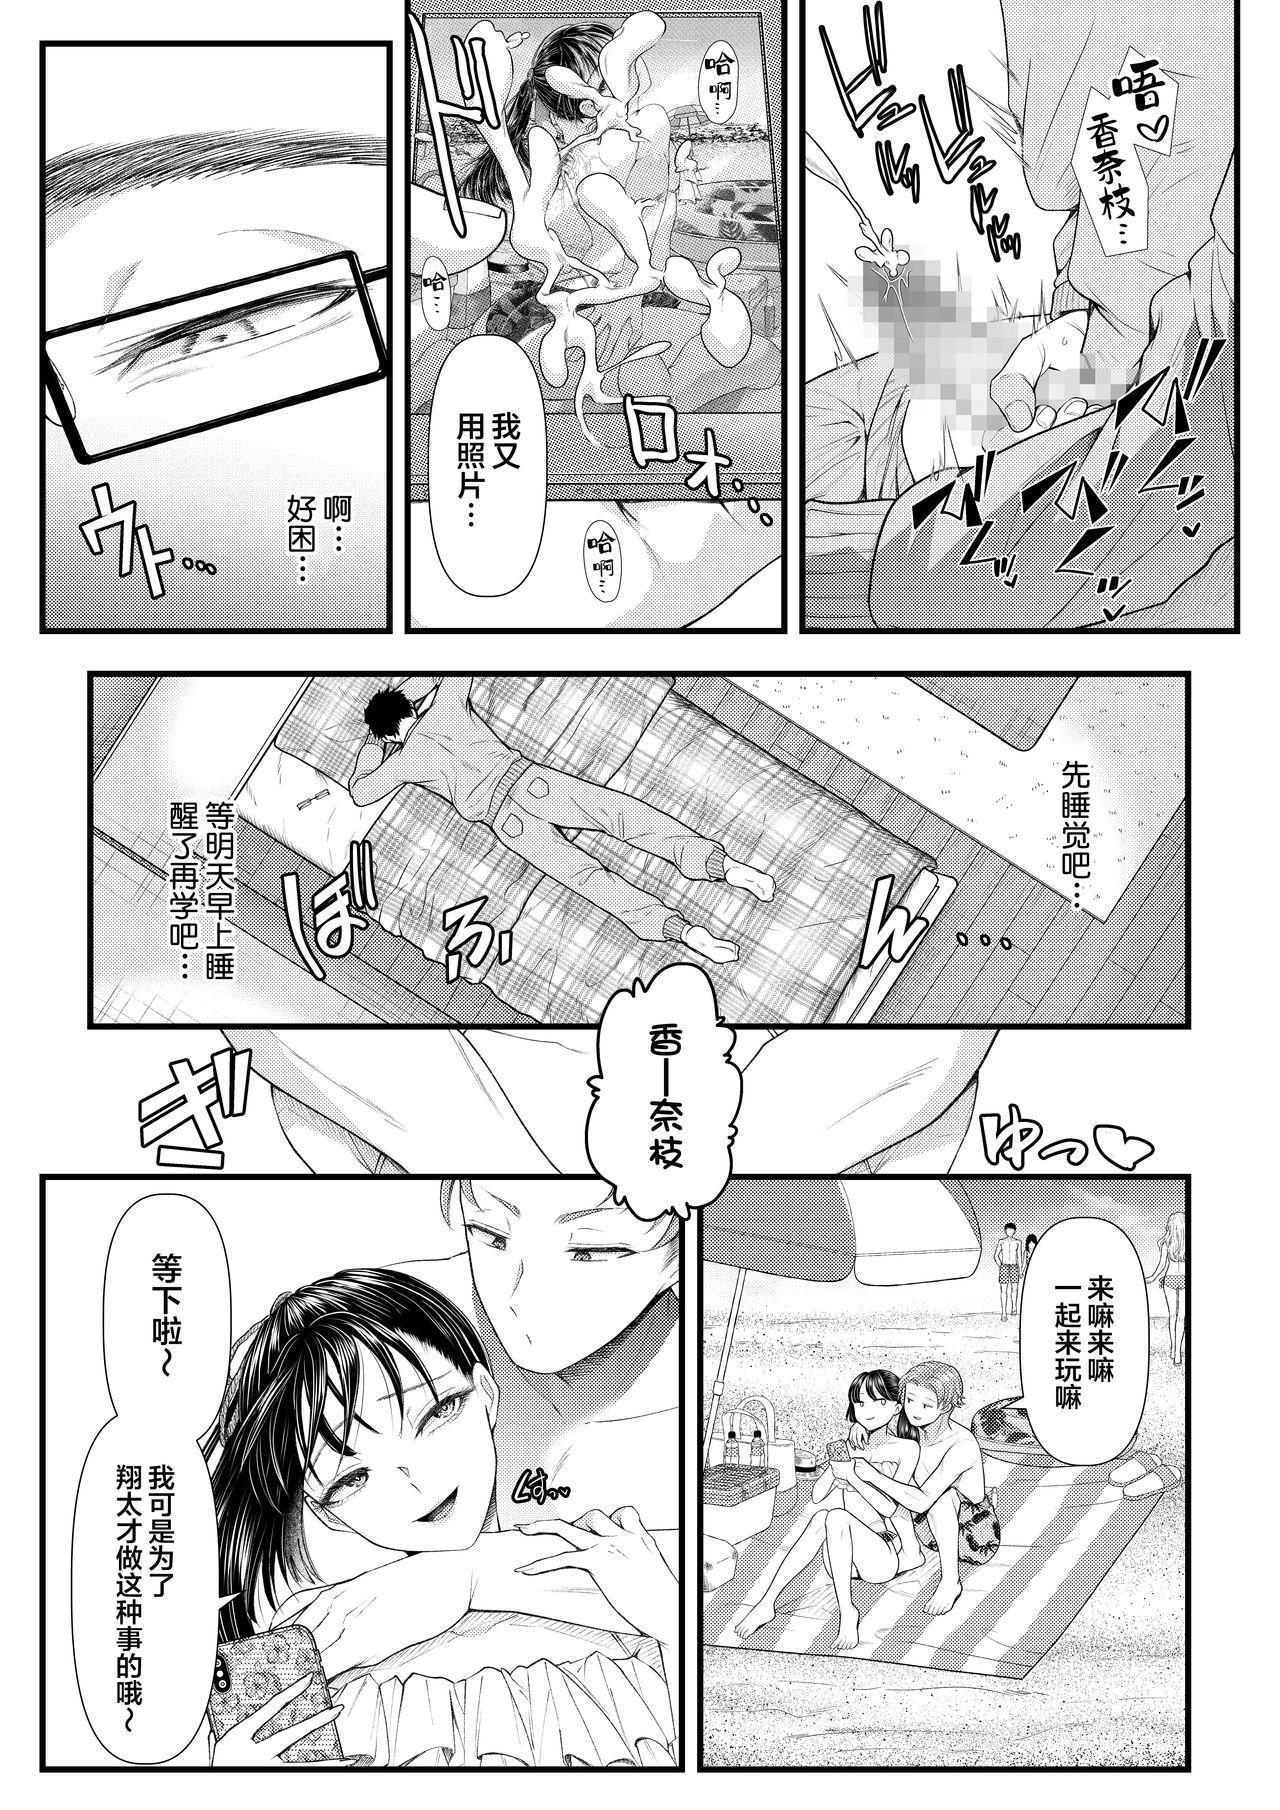 Yuutousei Danshi no Otoshikata 3